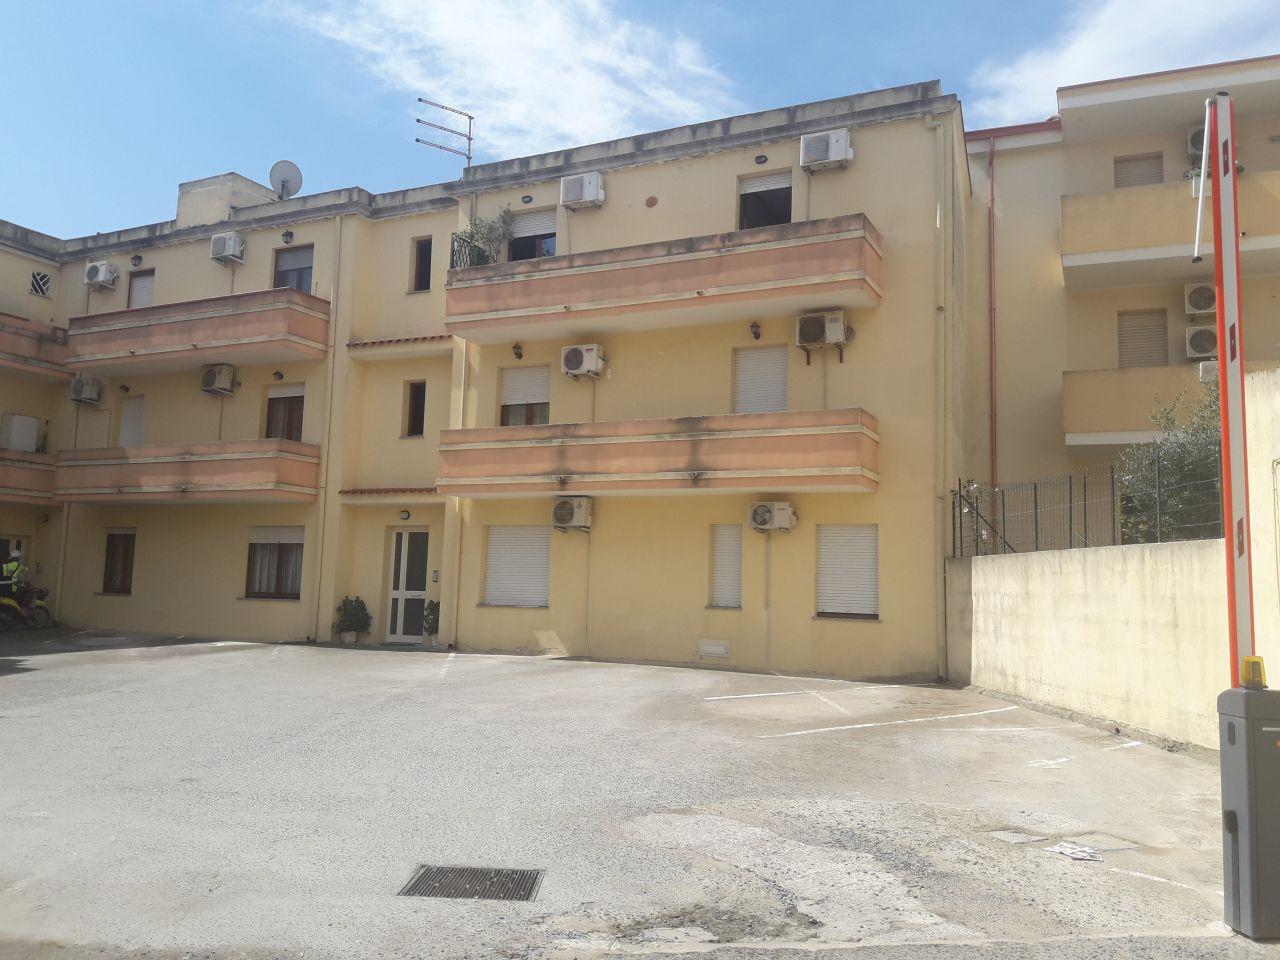 Appartamento in vendita a Capoterra, 5 locali, Trattative riservate | CambioCasa.it